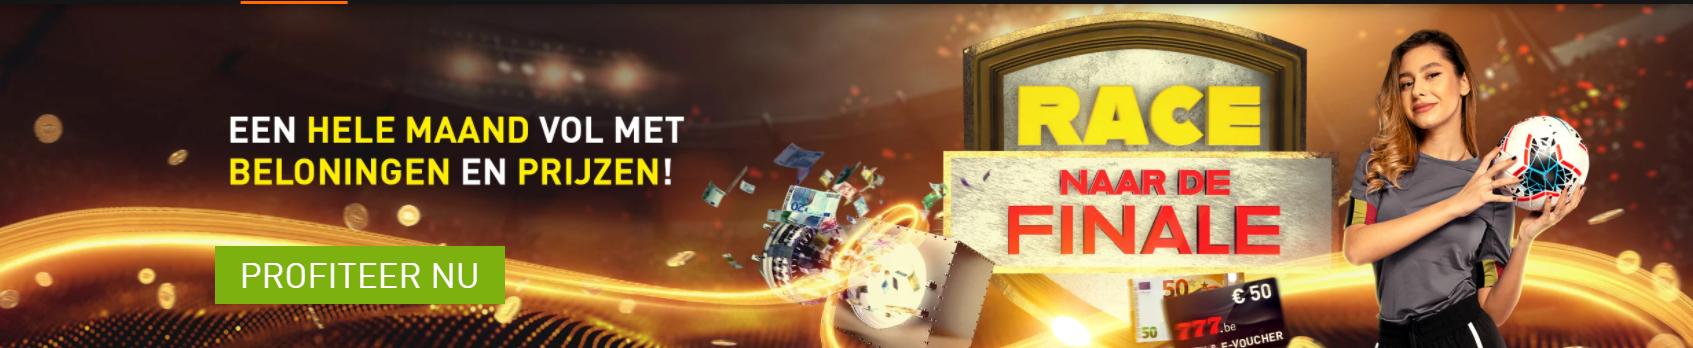 Race naar de Finale Euro 2020 Online Casino 777 Grote prijzenpot Promotie voetbaltoernooi 2021